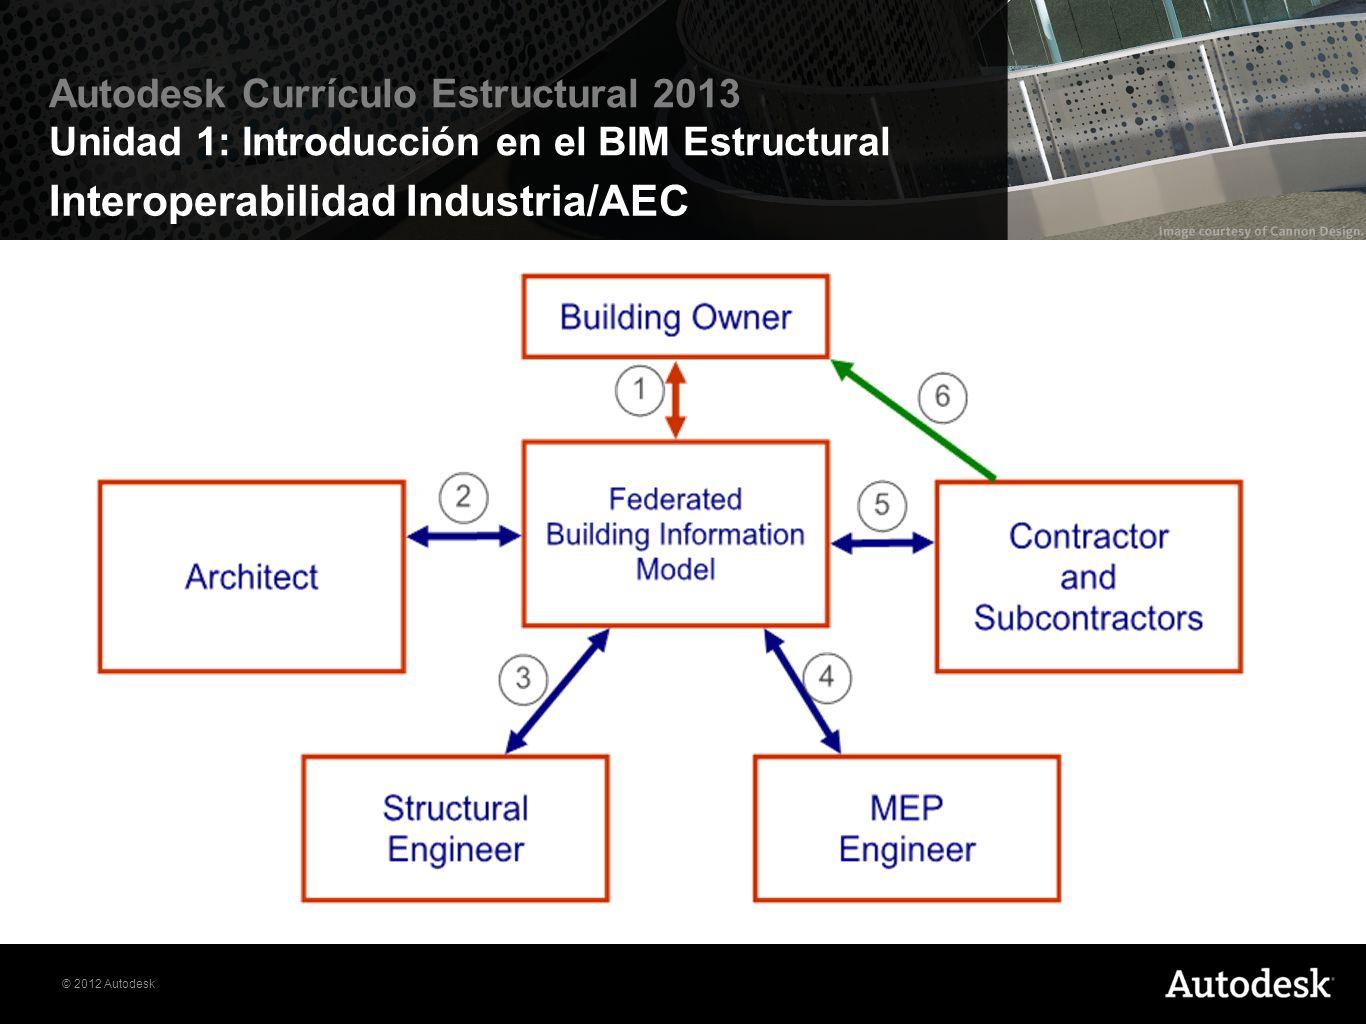 Interoperabilidad Industria/AEC